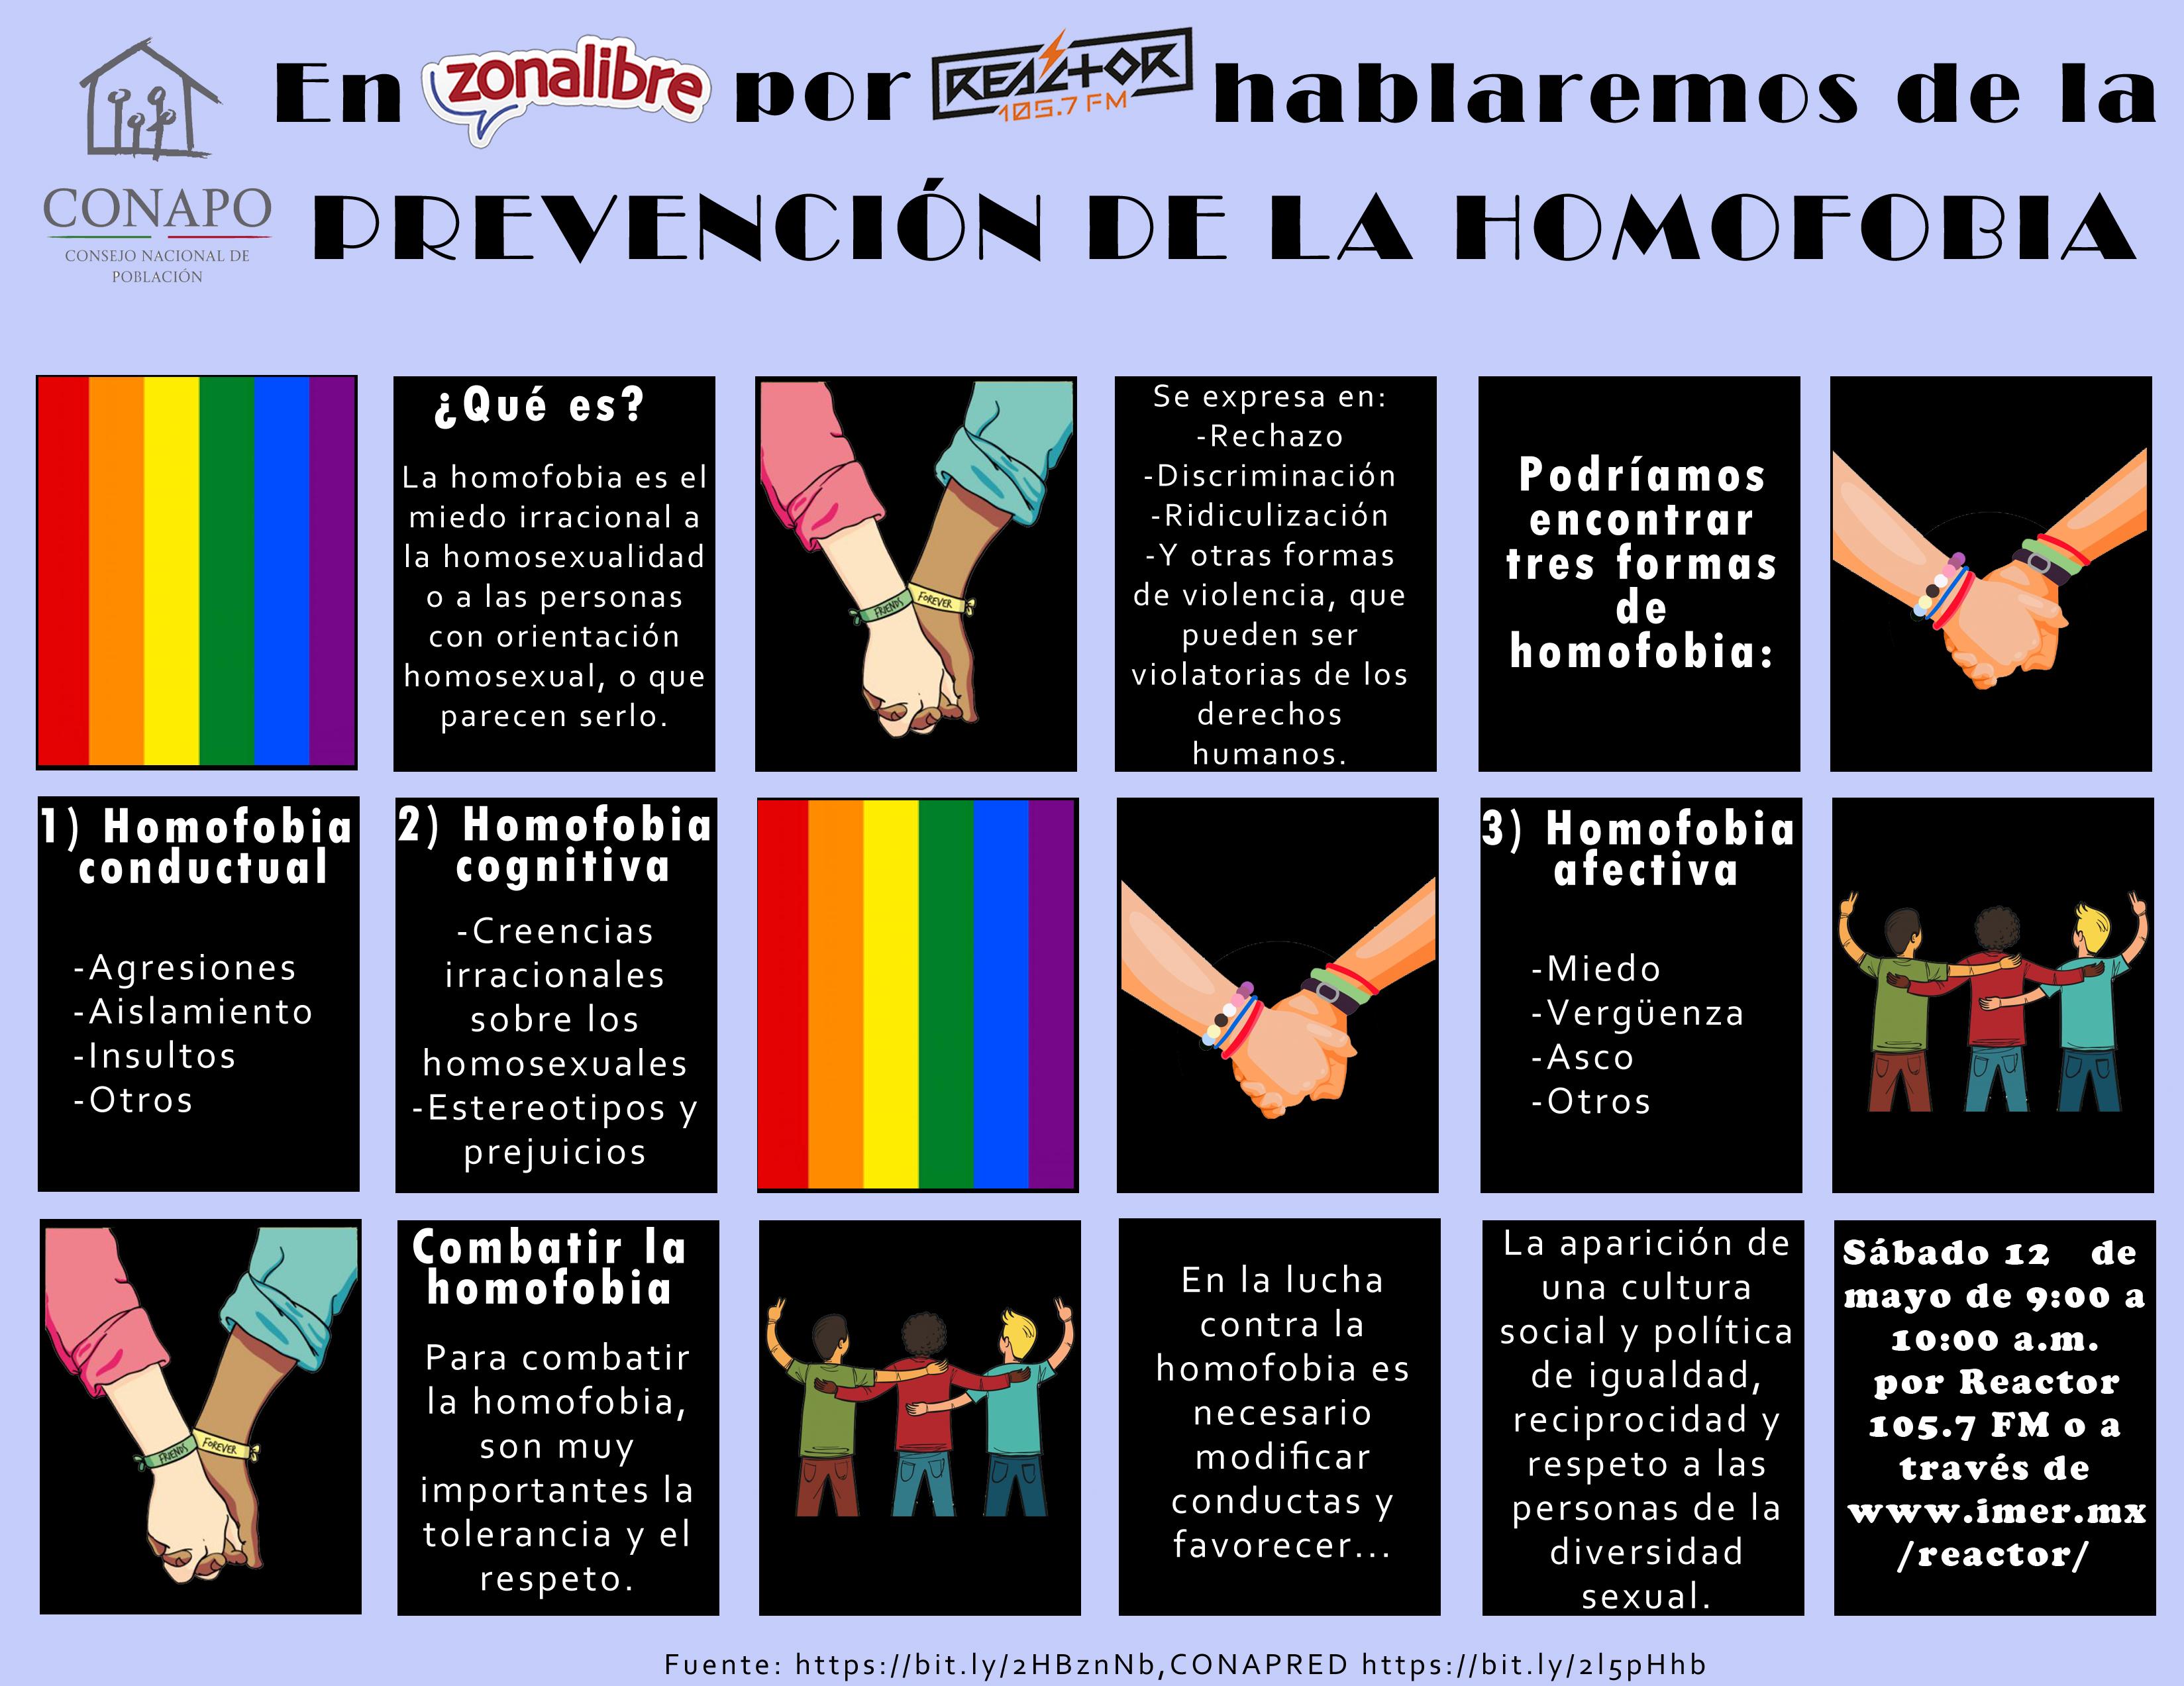 Prejuicios sobre los gays